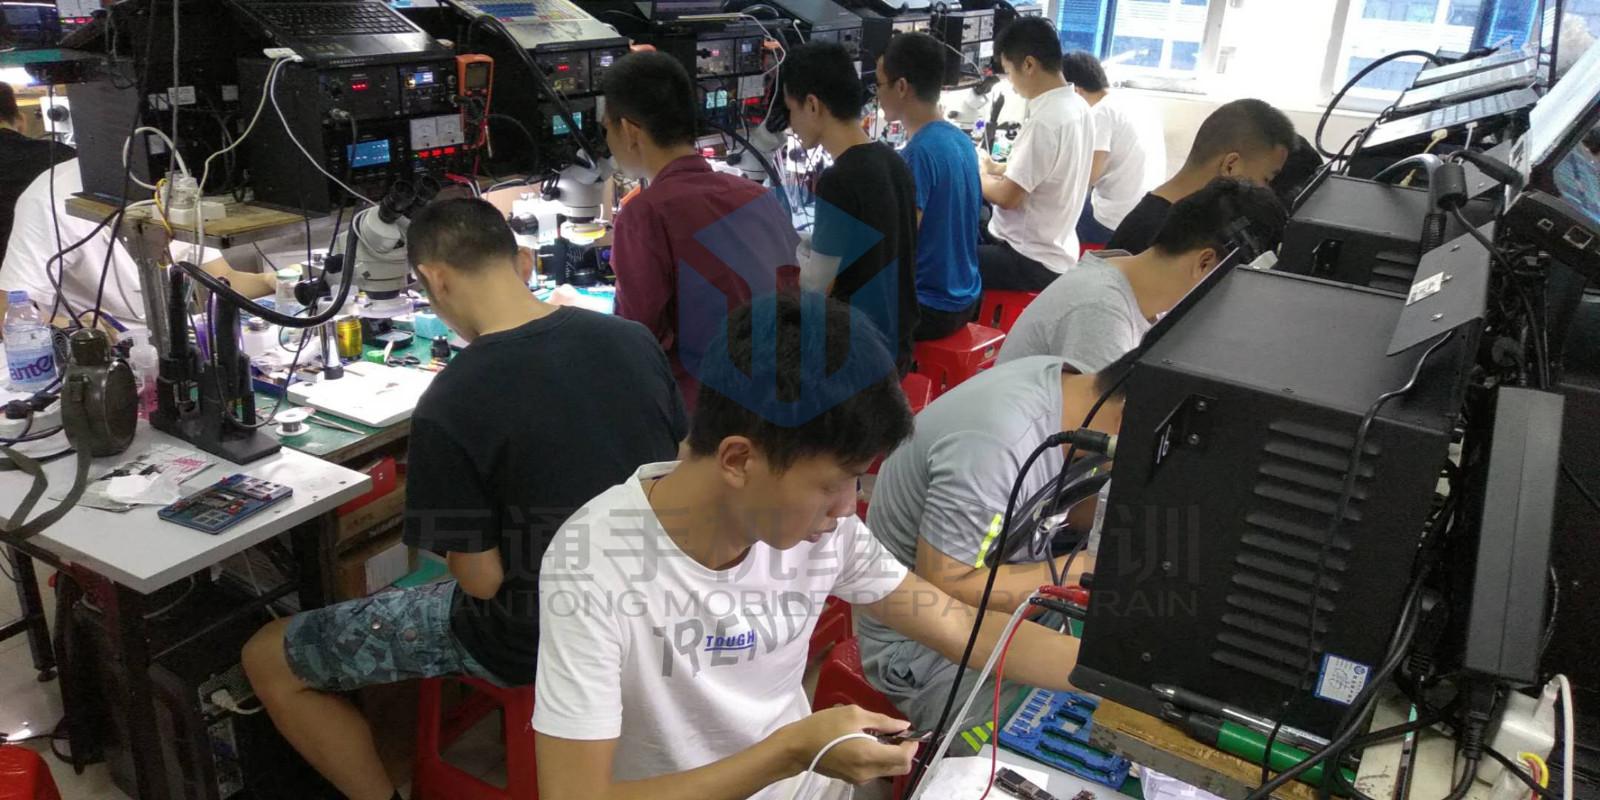 中育为-[手机维修]深圳万通手机维修培训学校苹果安卓手机维修课程